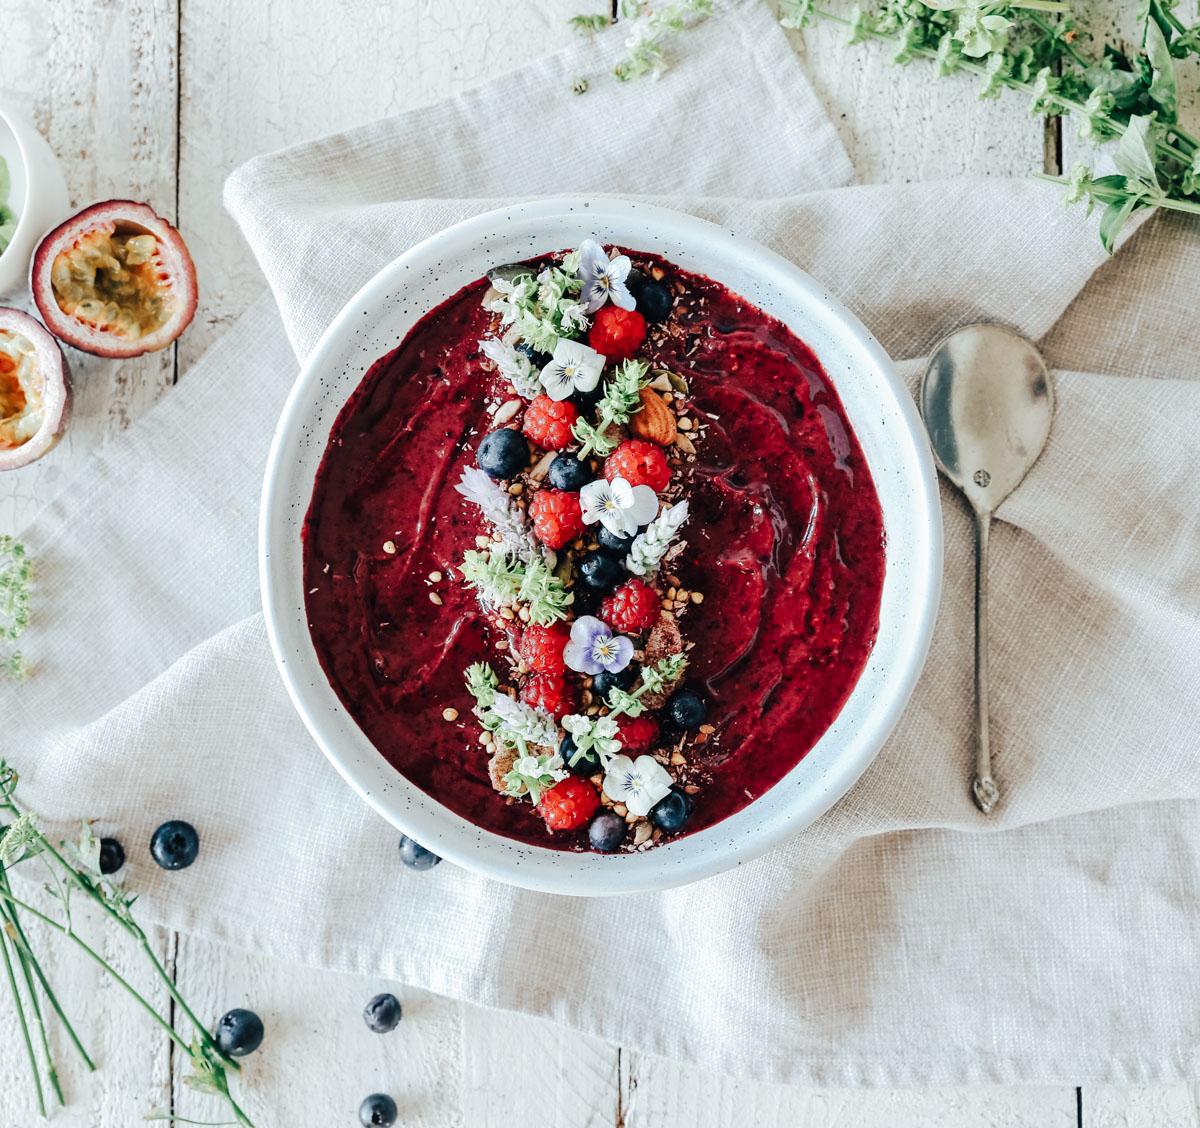 How to make a low sugar super antioxidant açai bowl